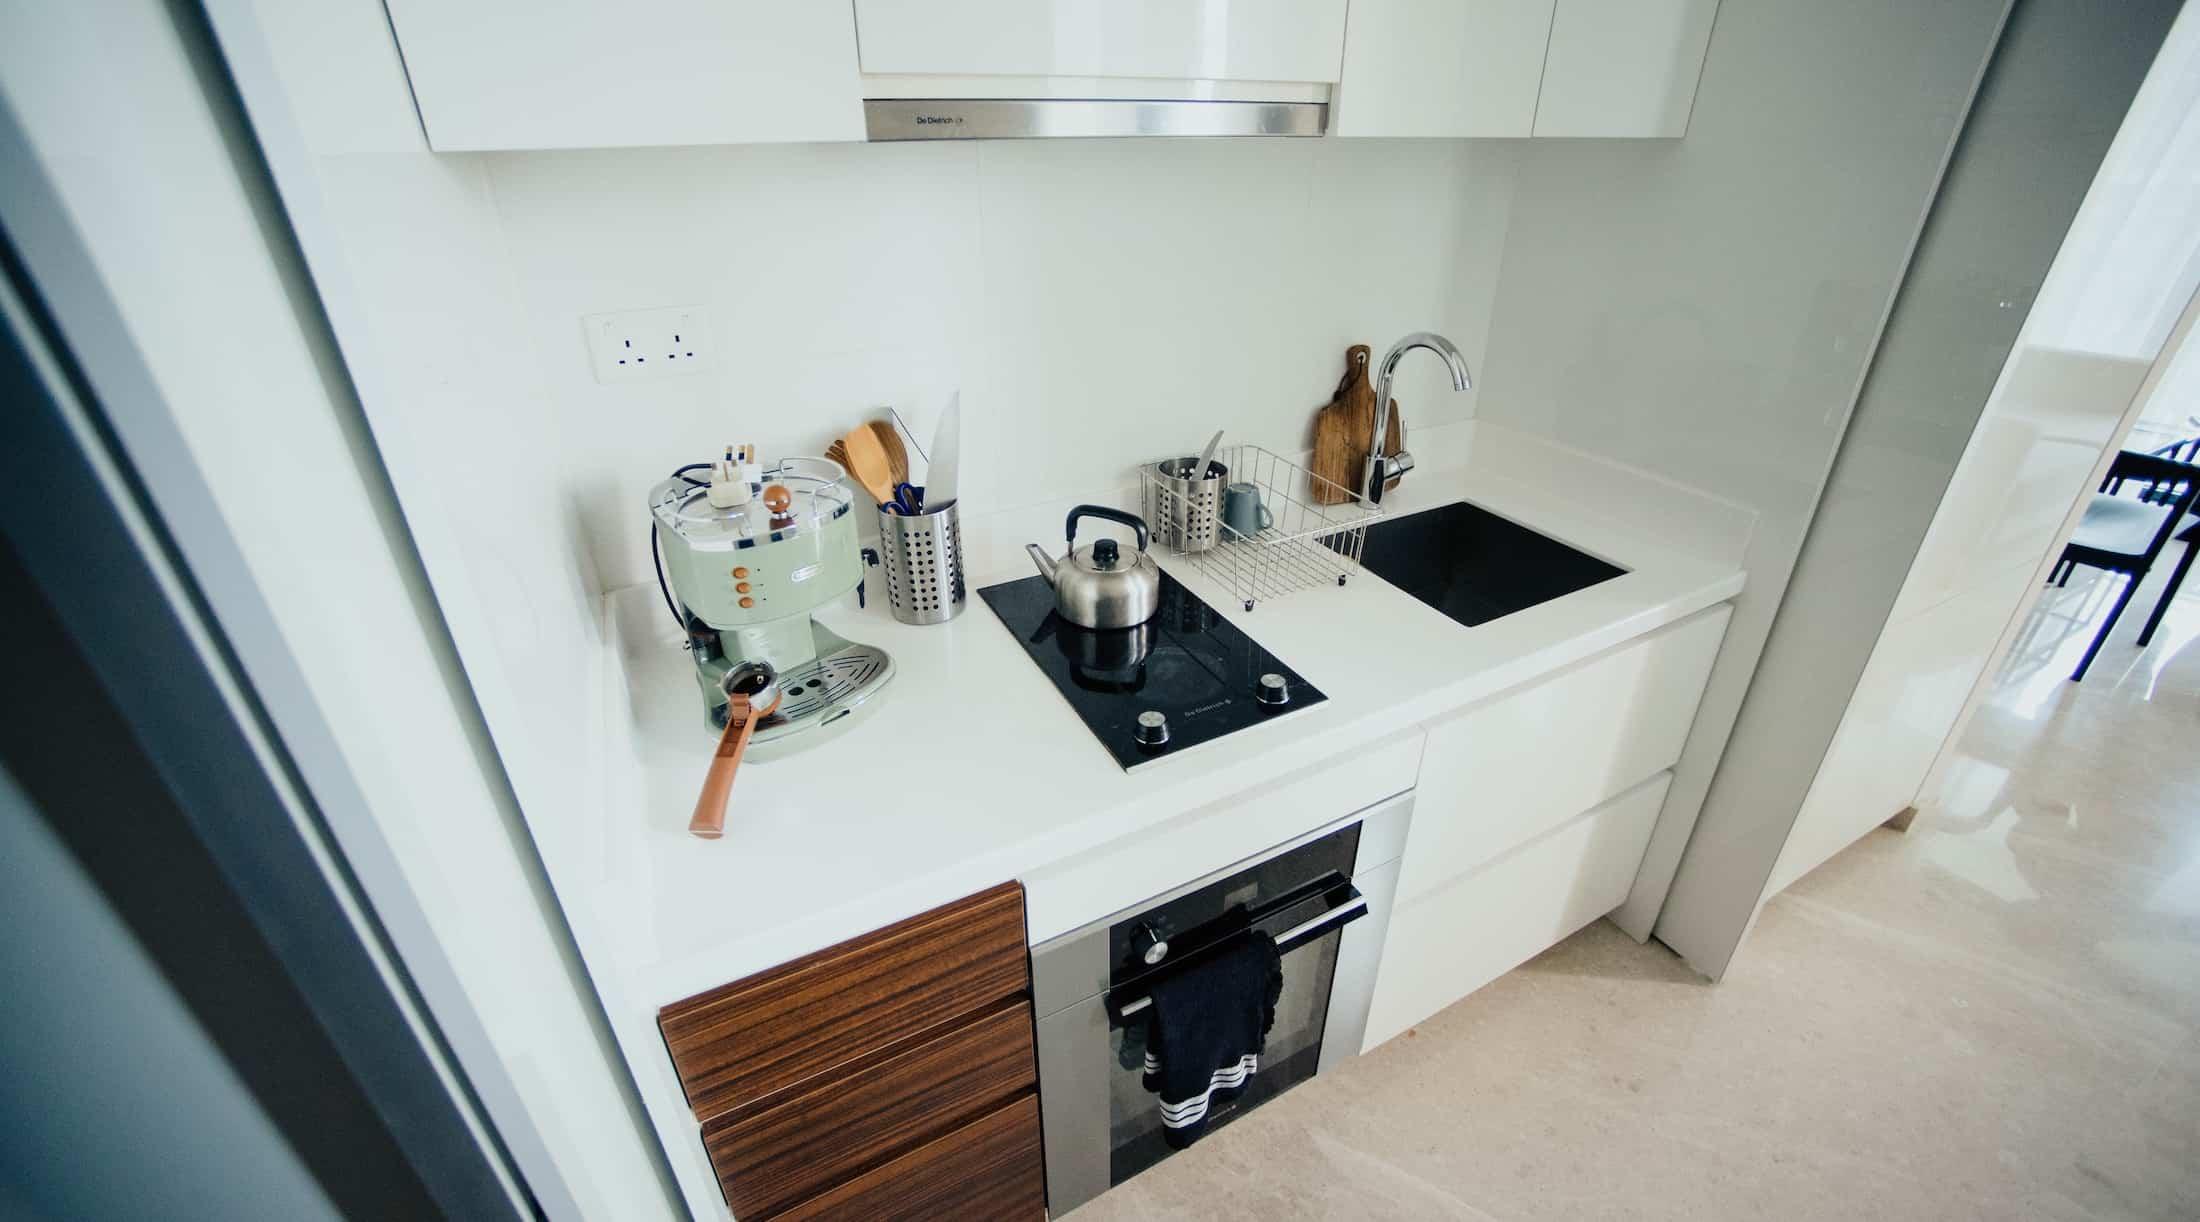 Kitchen improvement under $100